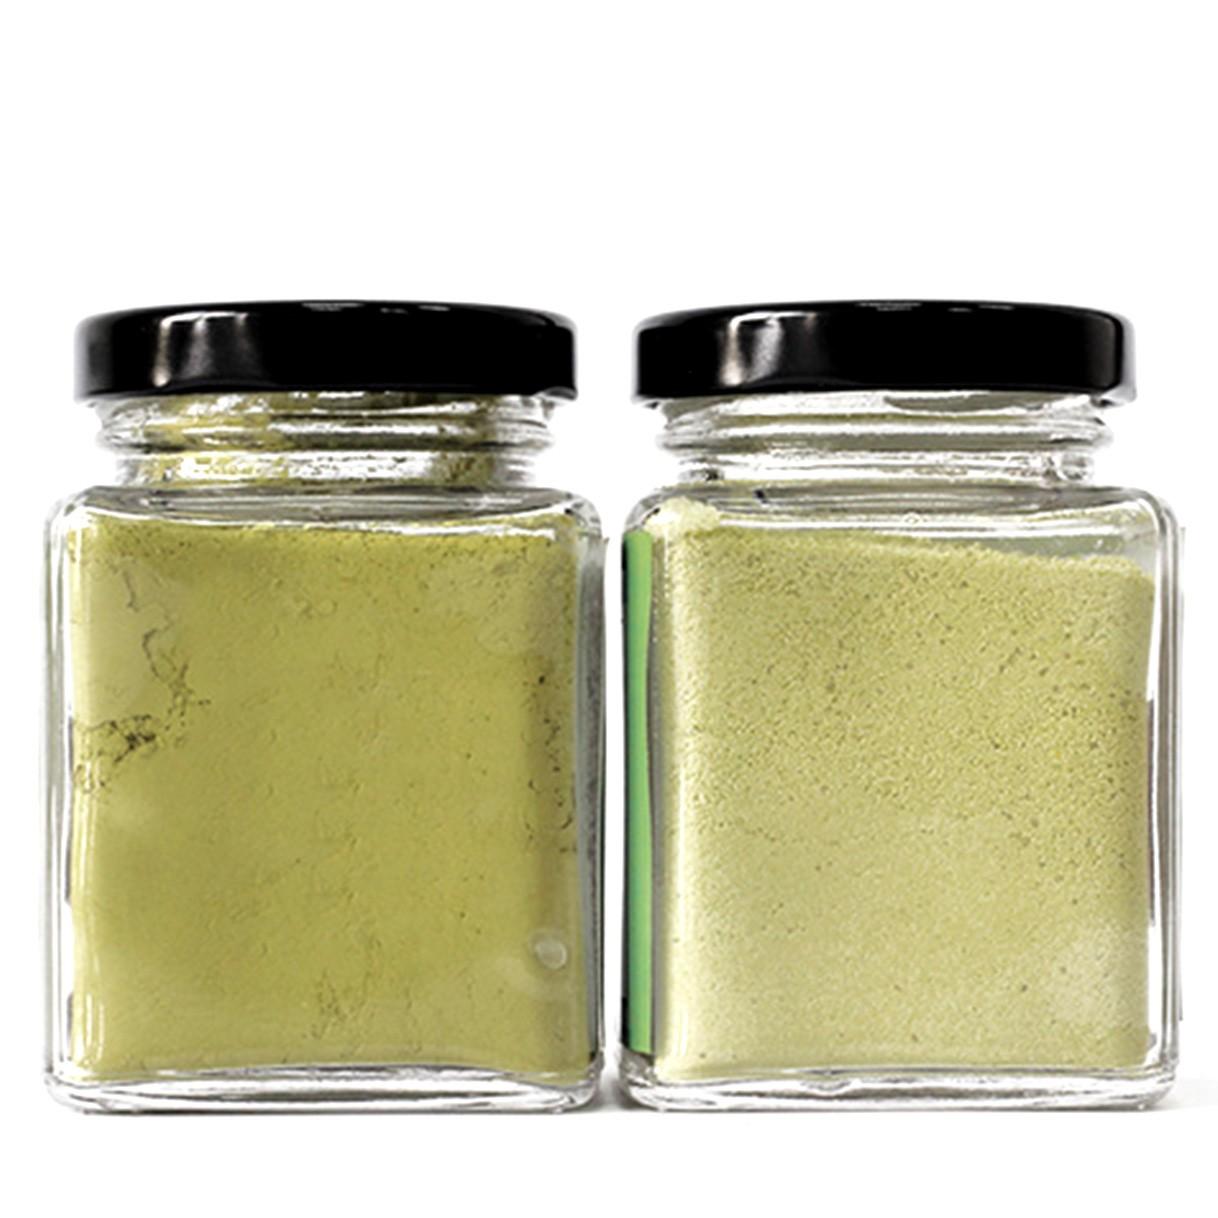 02 gói (1kg) - Bột trà xanh matcha 3IN1 (trà xanh sữa) - Green D Food